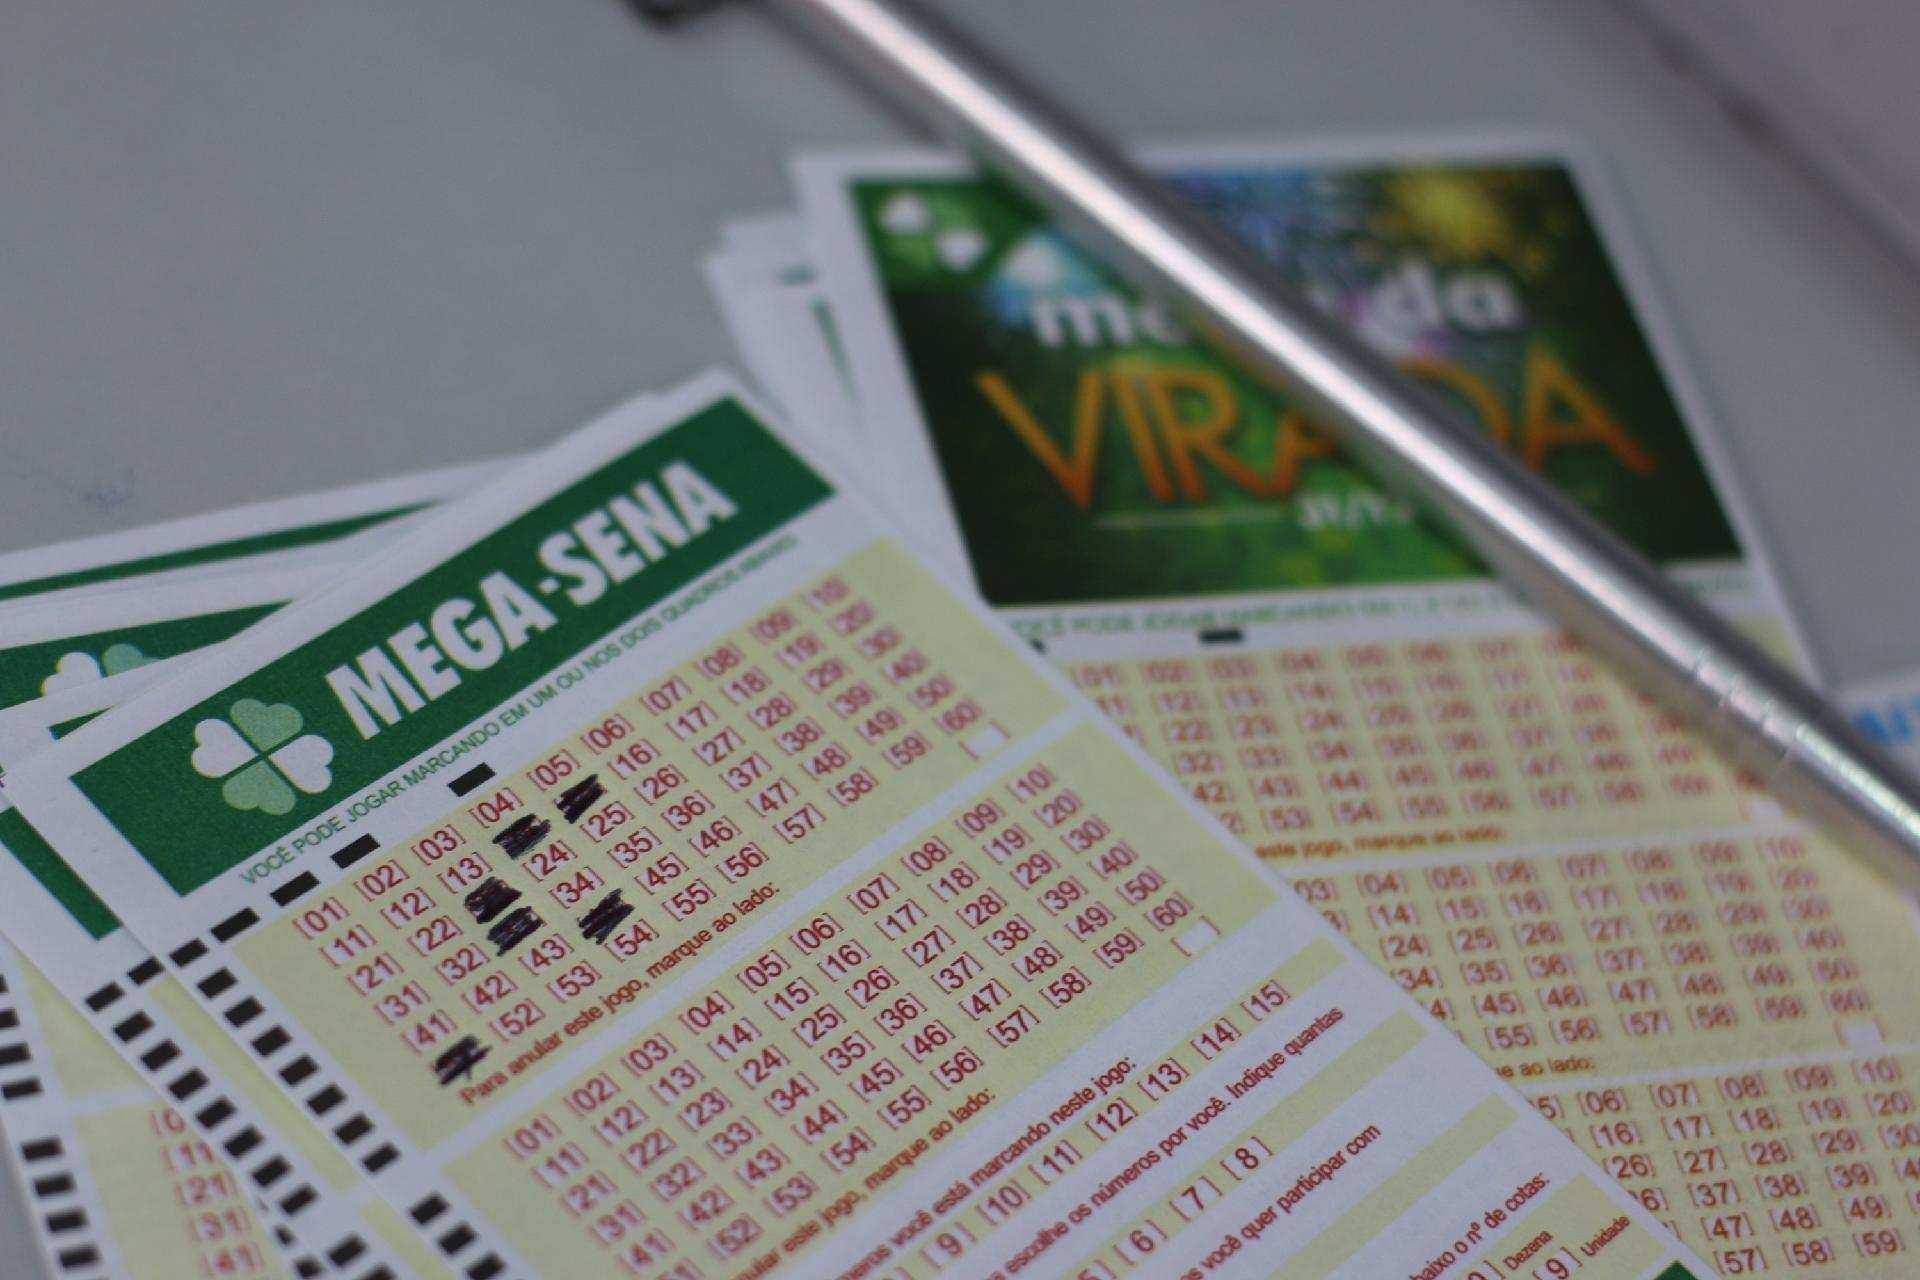 Dupla sena - resultado da dupla sena - g1 loterias